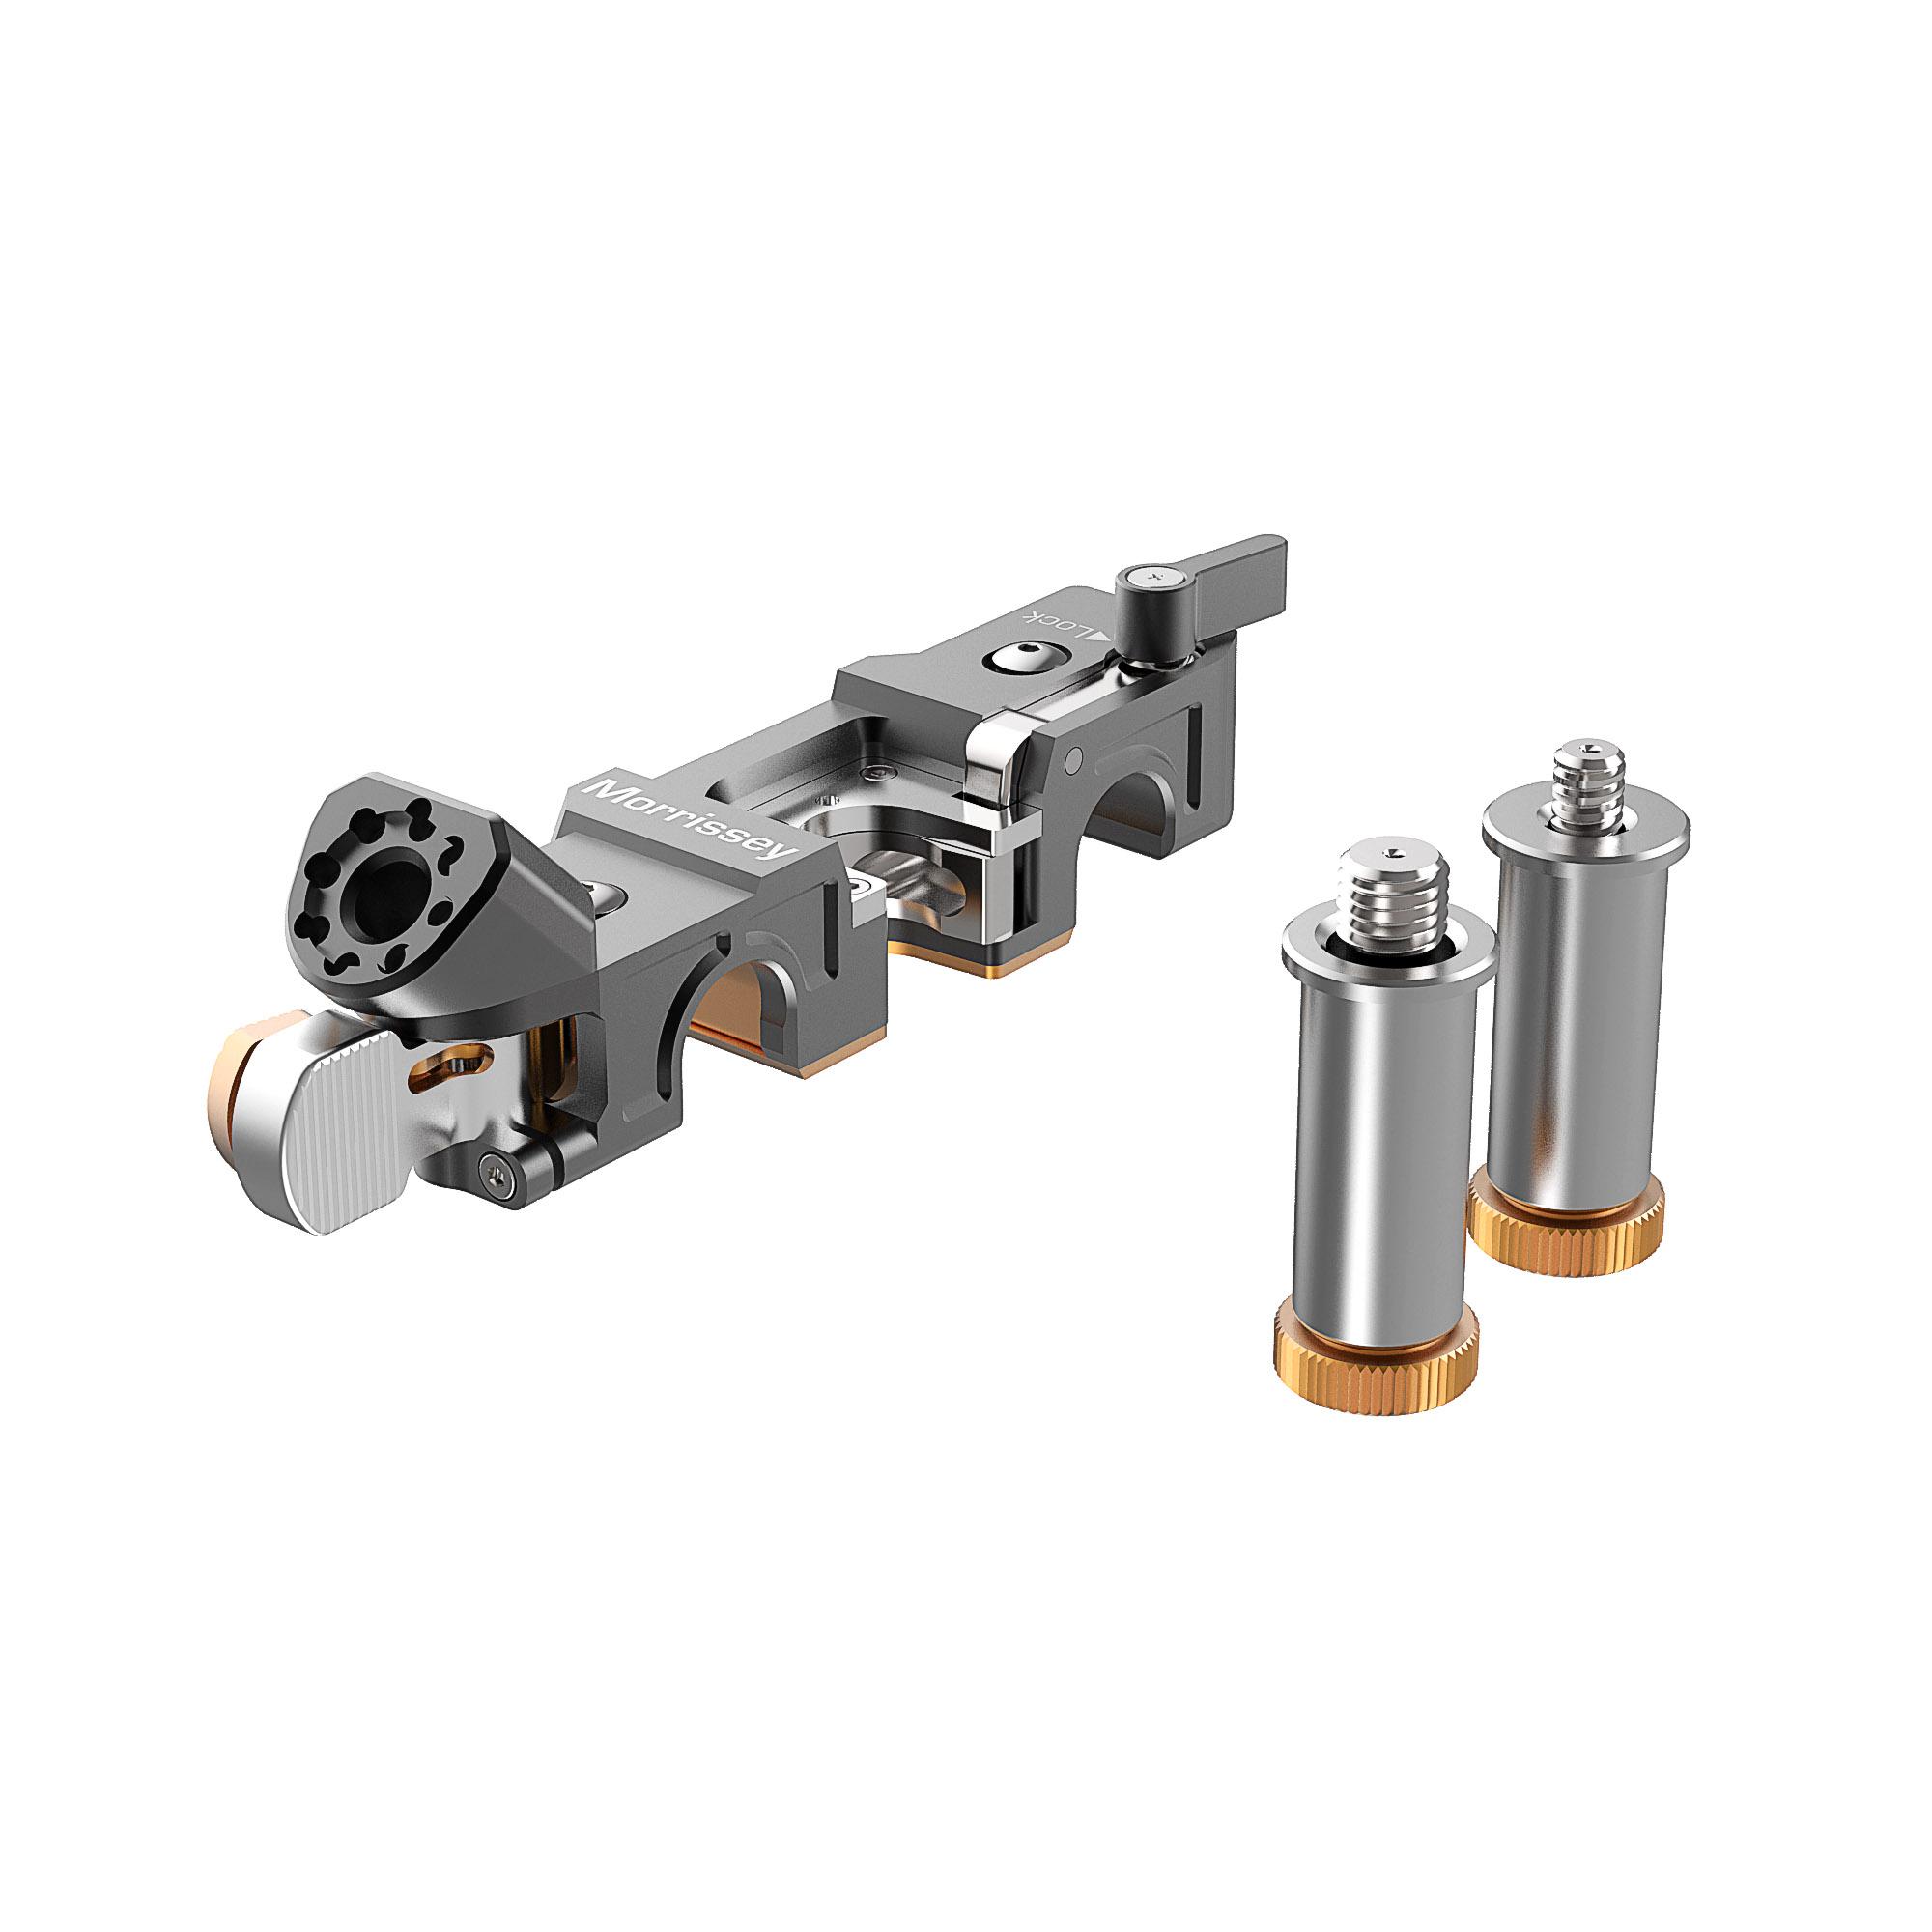 b3010.0003   morrissey   15mm lws kit   1 4 3 8